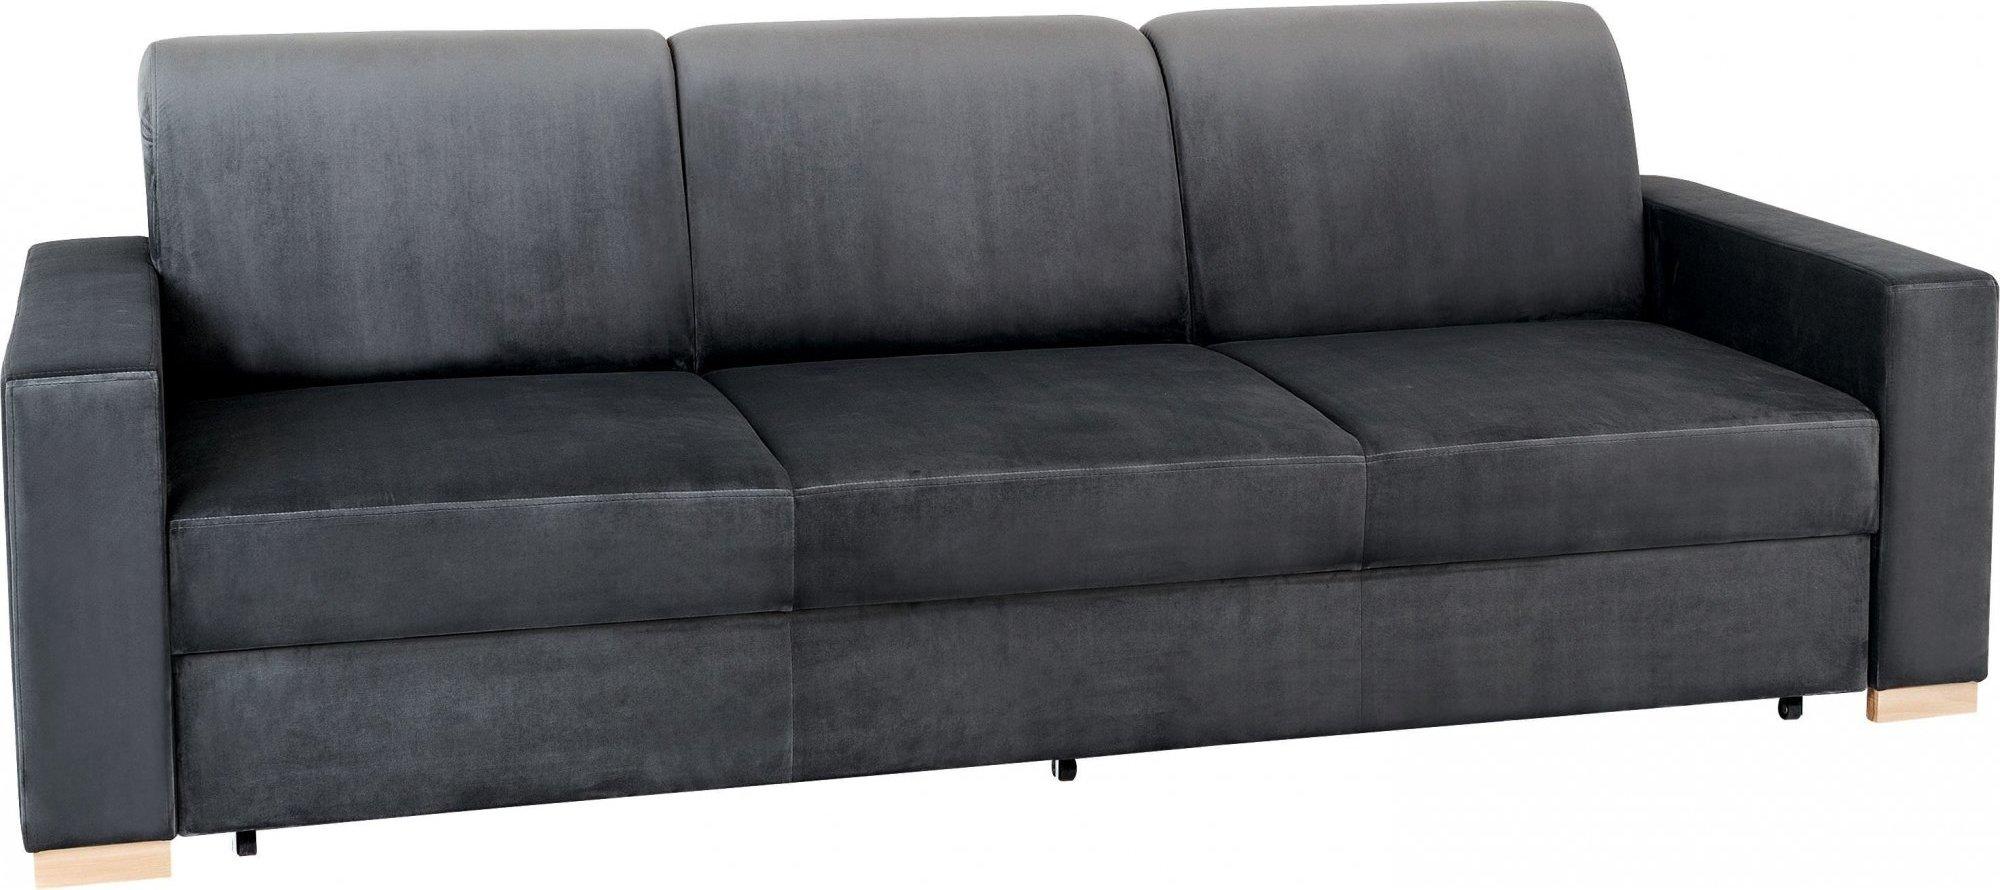 Canapé 3 places tissu gris lilas h40cm